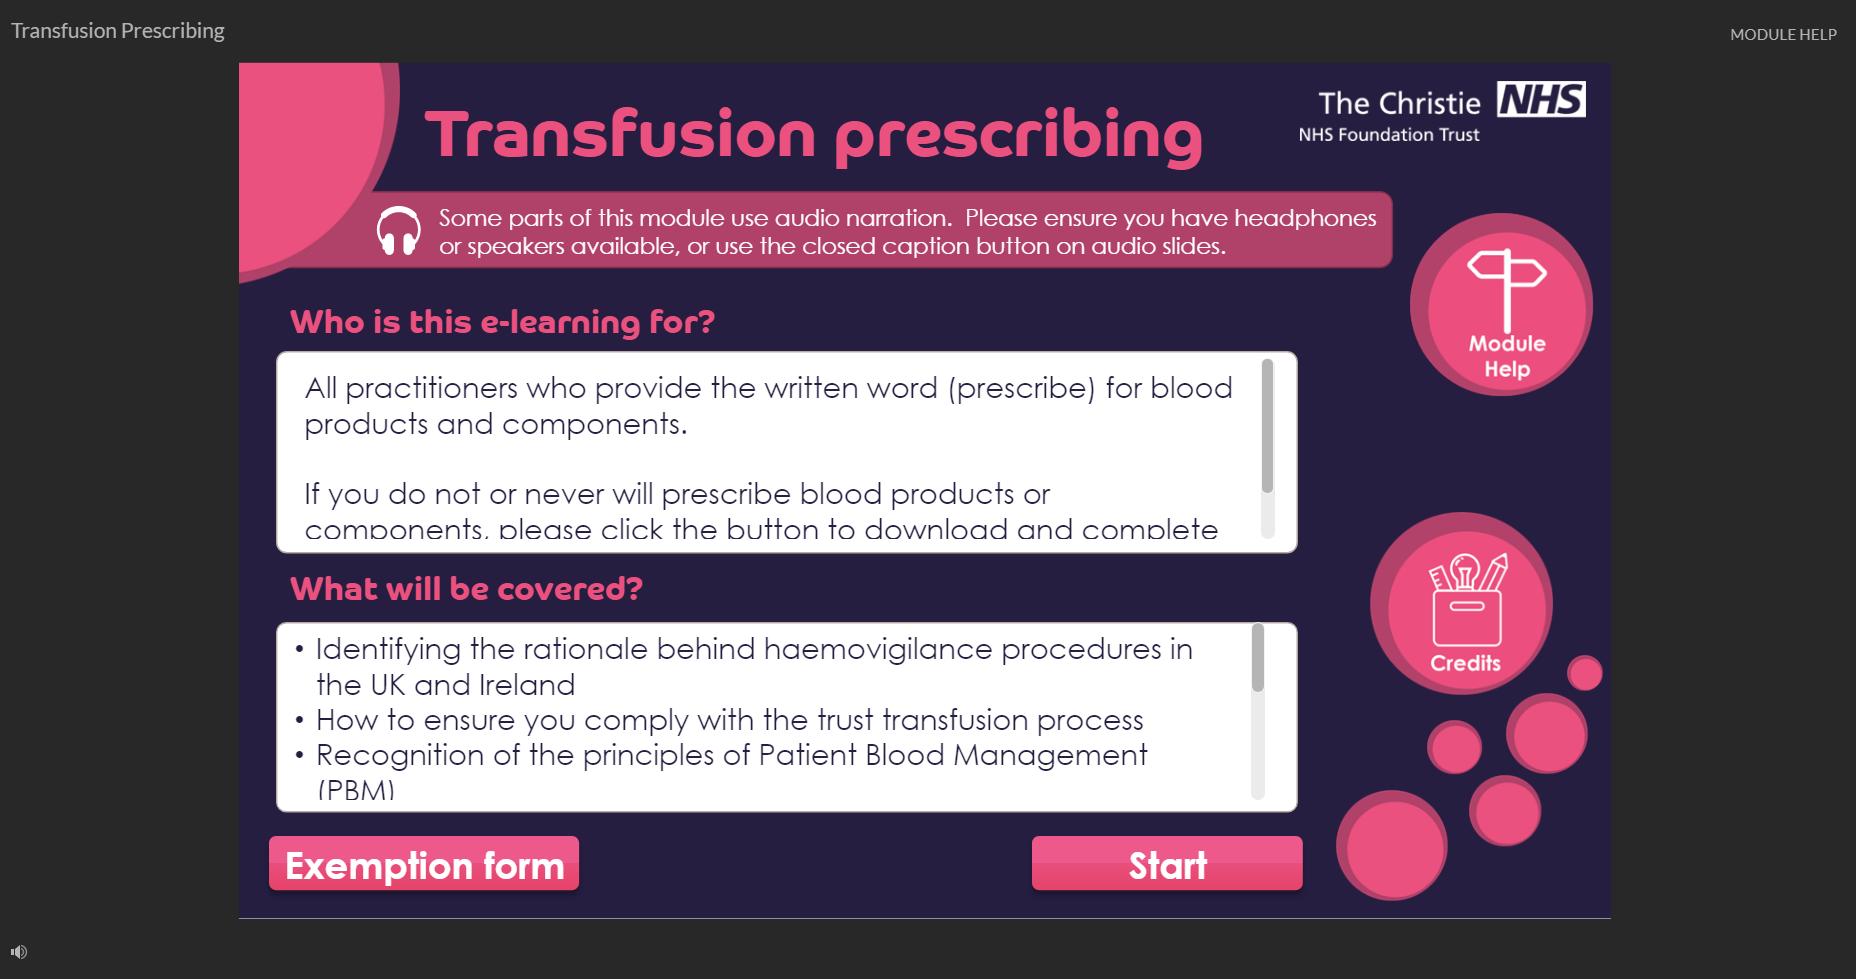 Transfusion prescribing